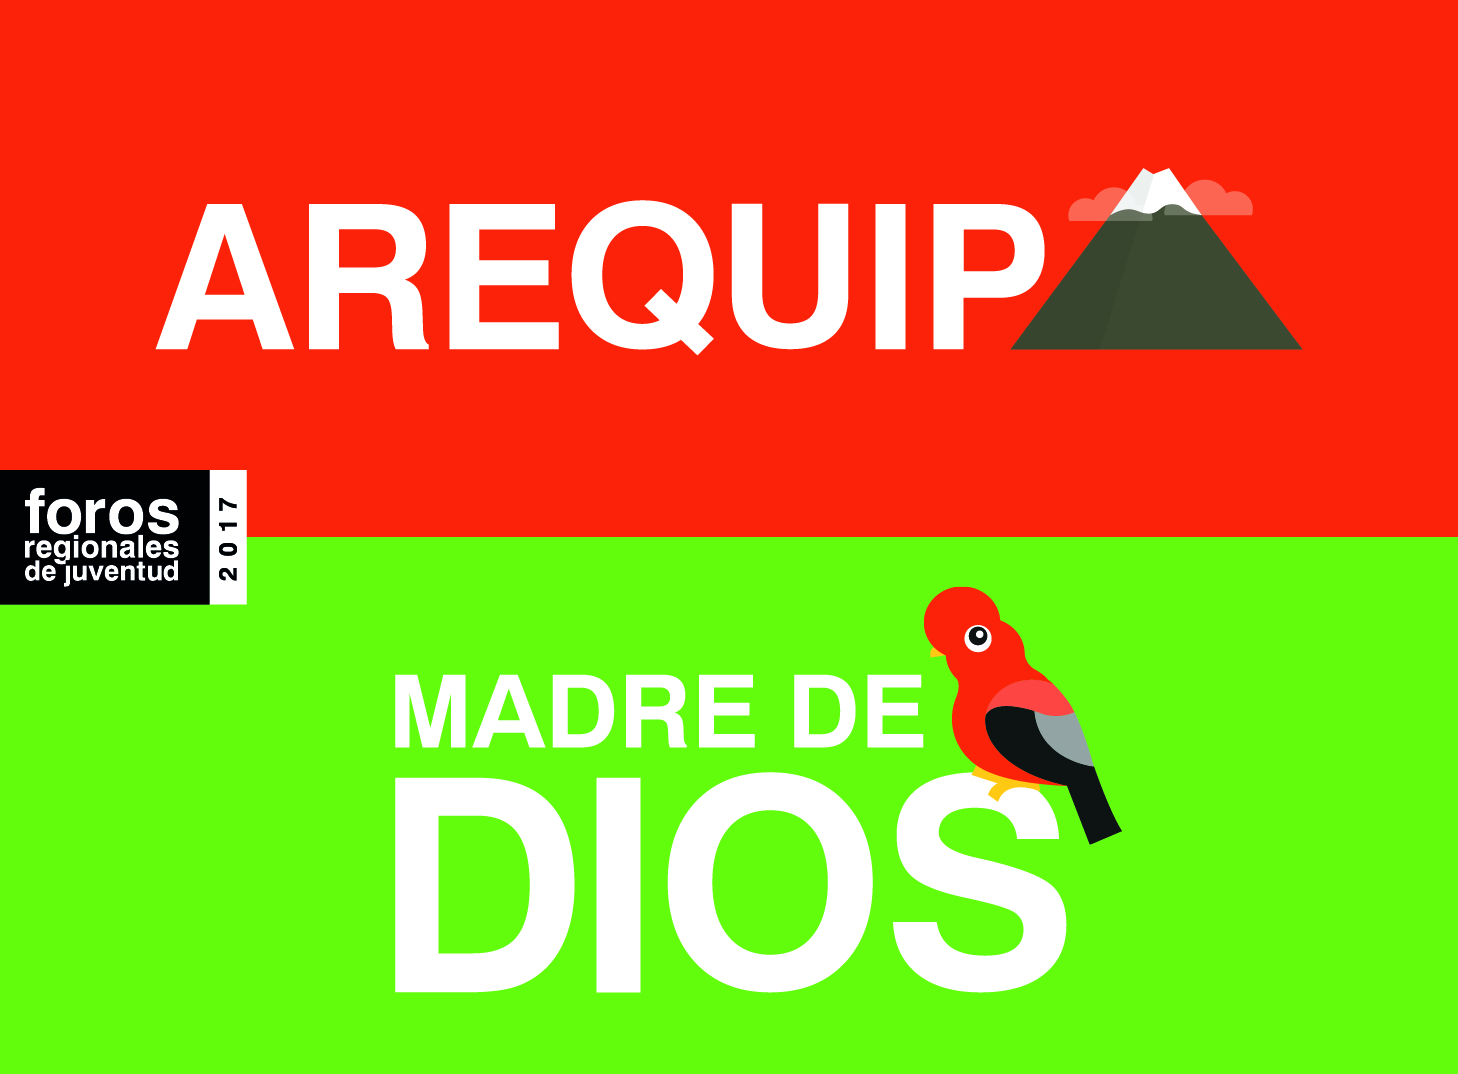 Senaju organiza foros regionales en Arequipa y Madre de Dios